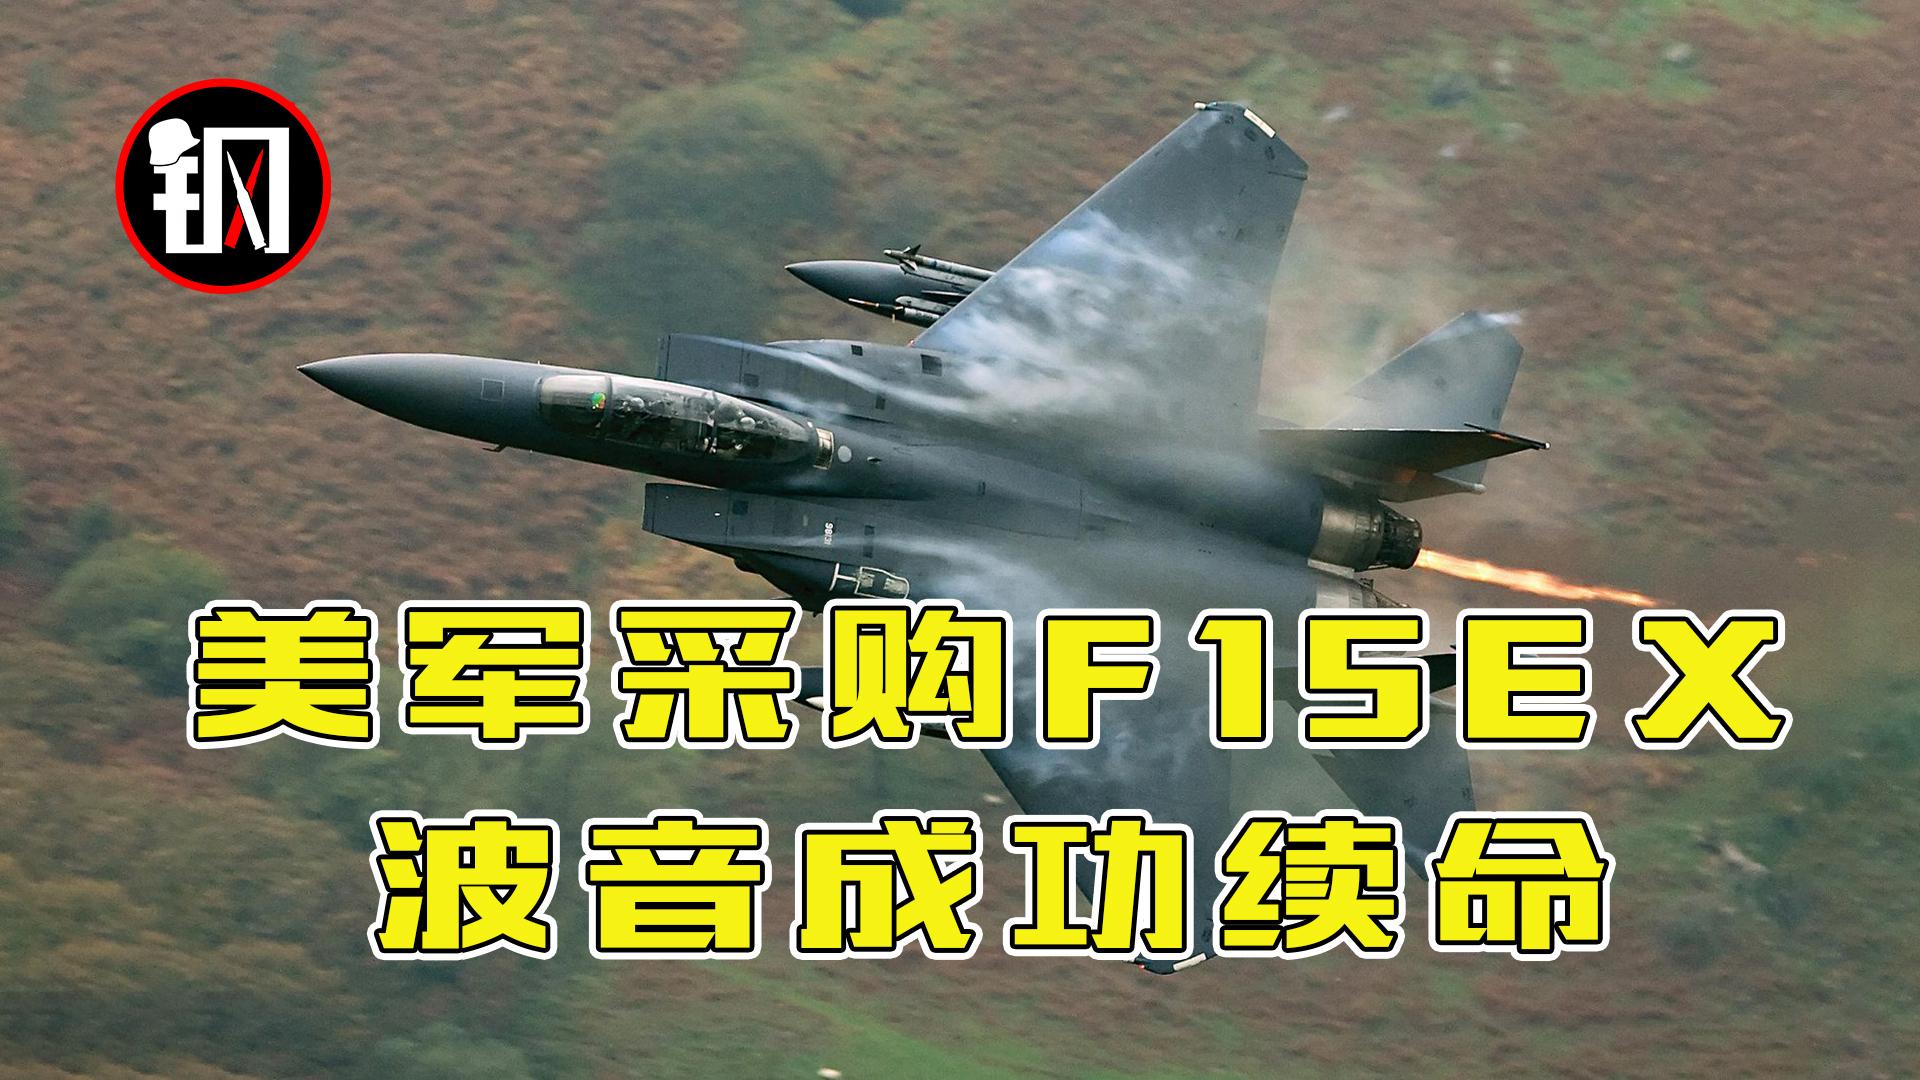 美国空军重开F15战斗机生产线,是F22不香了?还是要给波音续命?